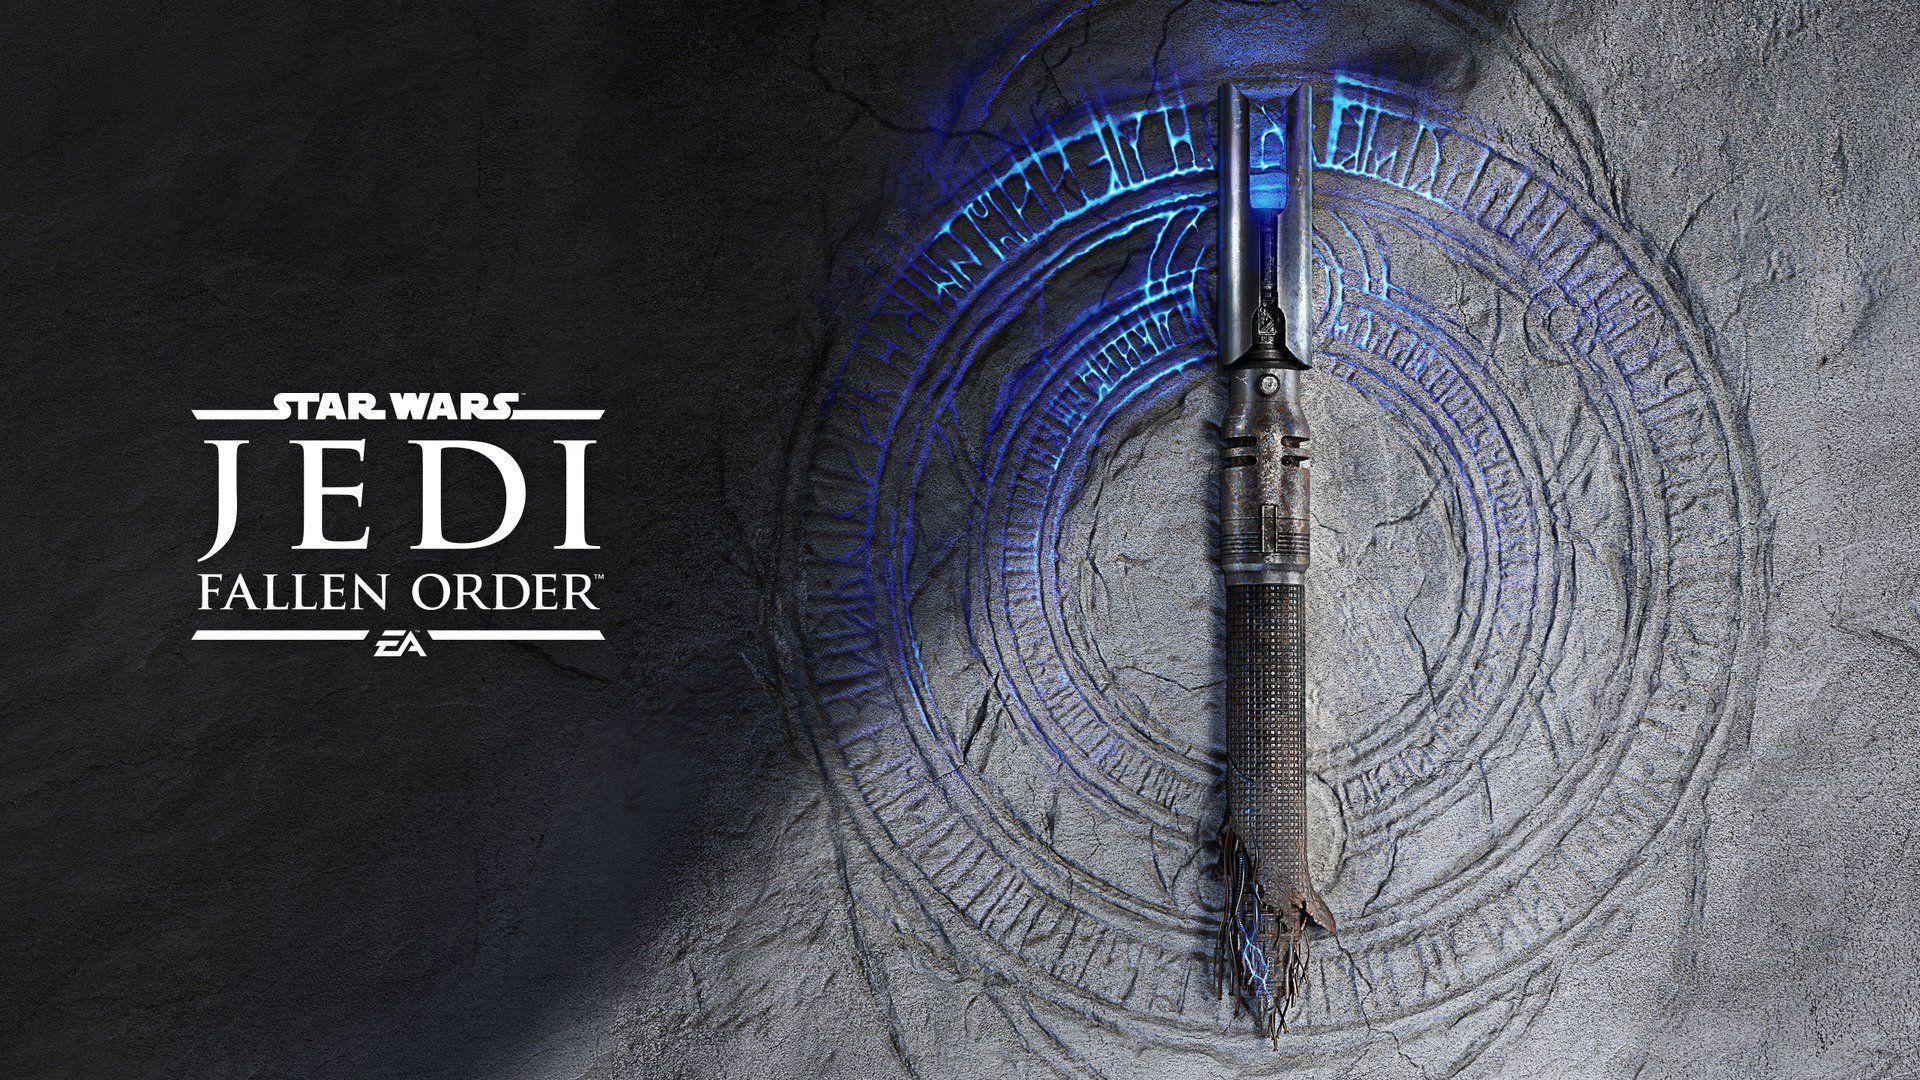 Star Wars Jedi: Fallen Order premašio očekivanja prodaje